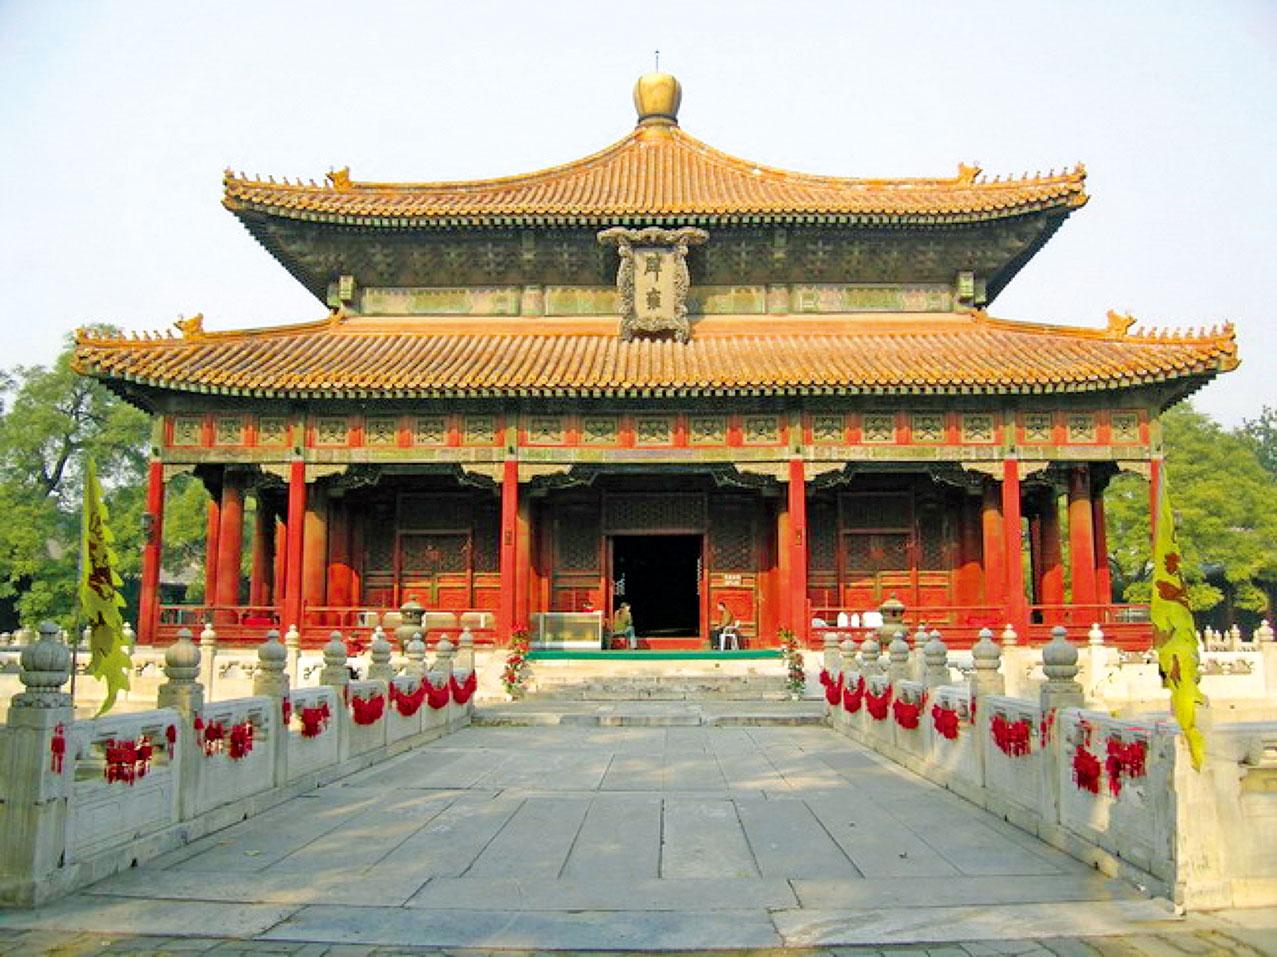 在科舉盛行的年代,整個社會推崇聖人經典。治理國家以聖人教導的「齊家、治國、平天下」的理念為基礎。圖為北京國子監辟雍殿。(公有領域)